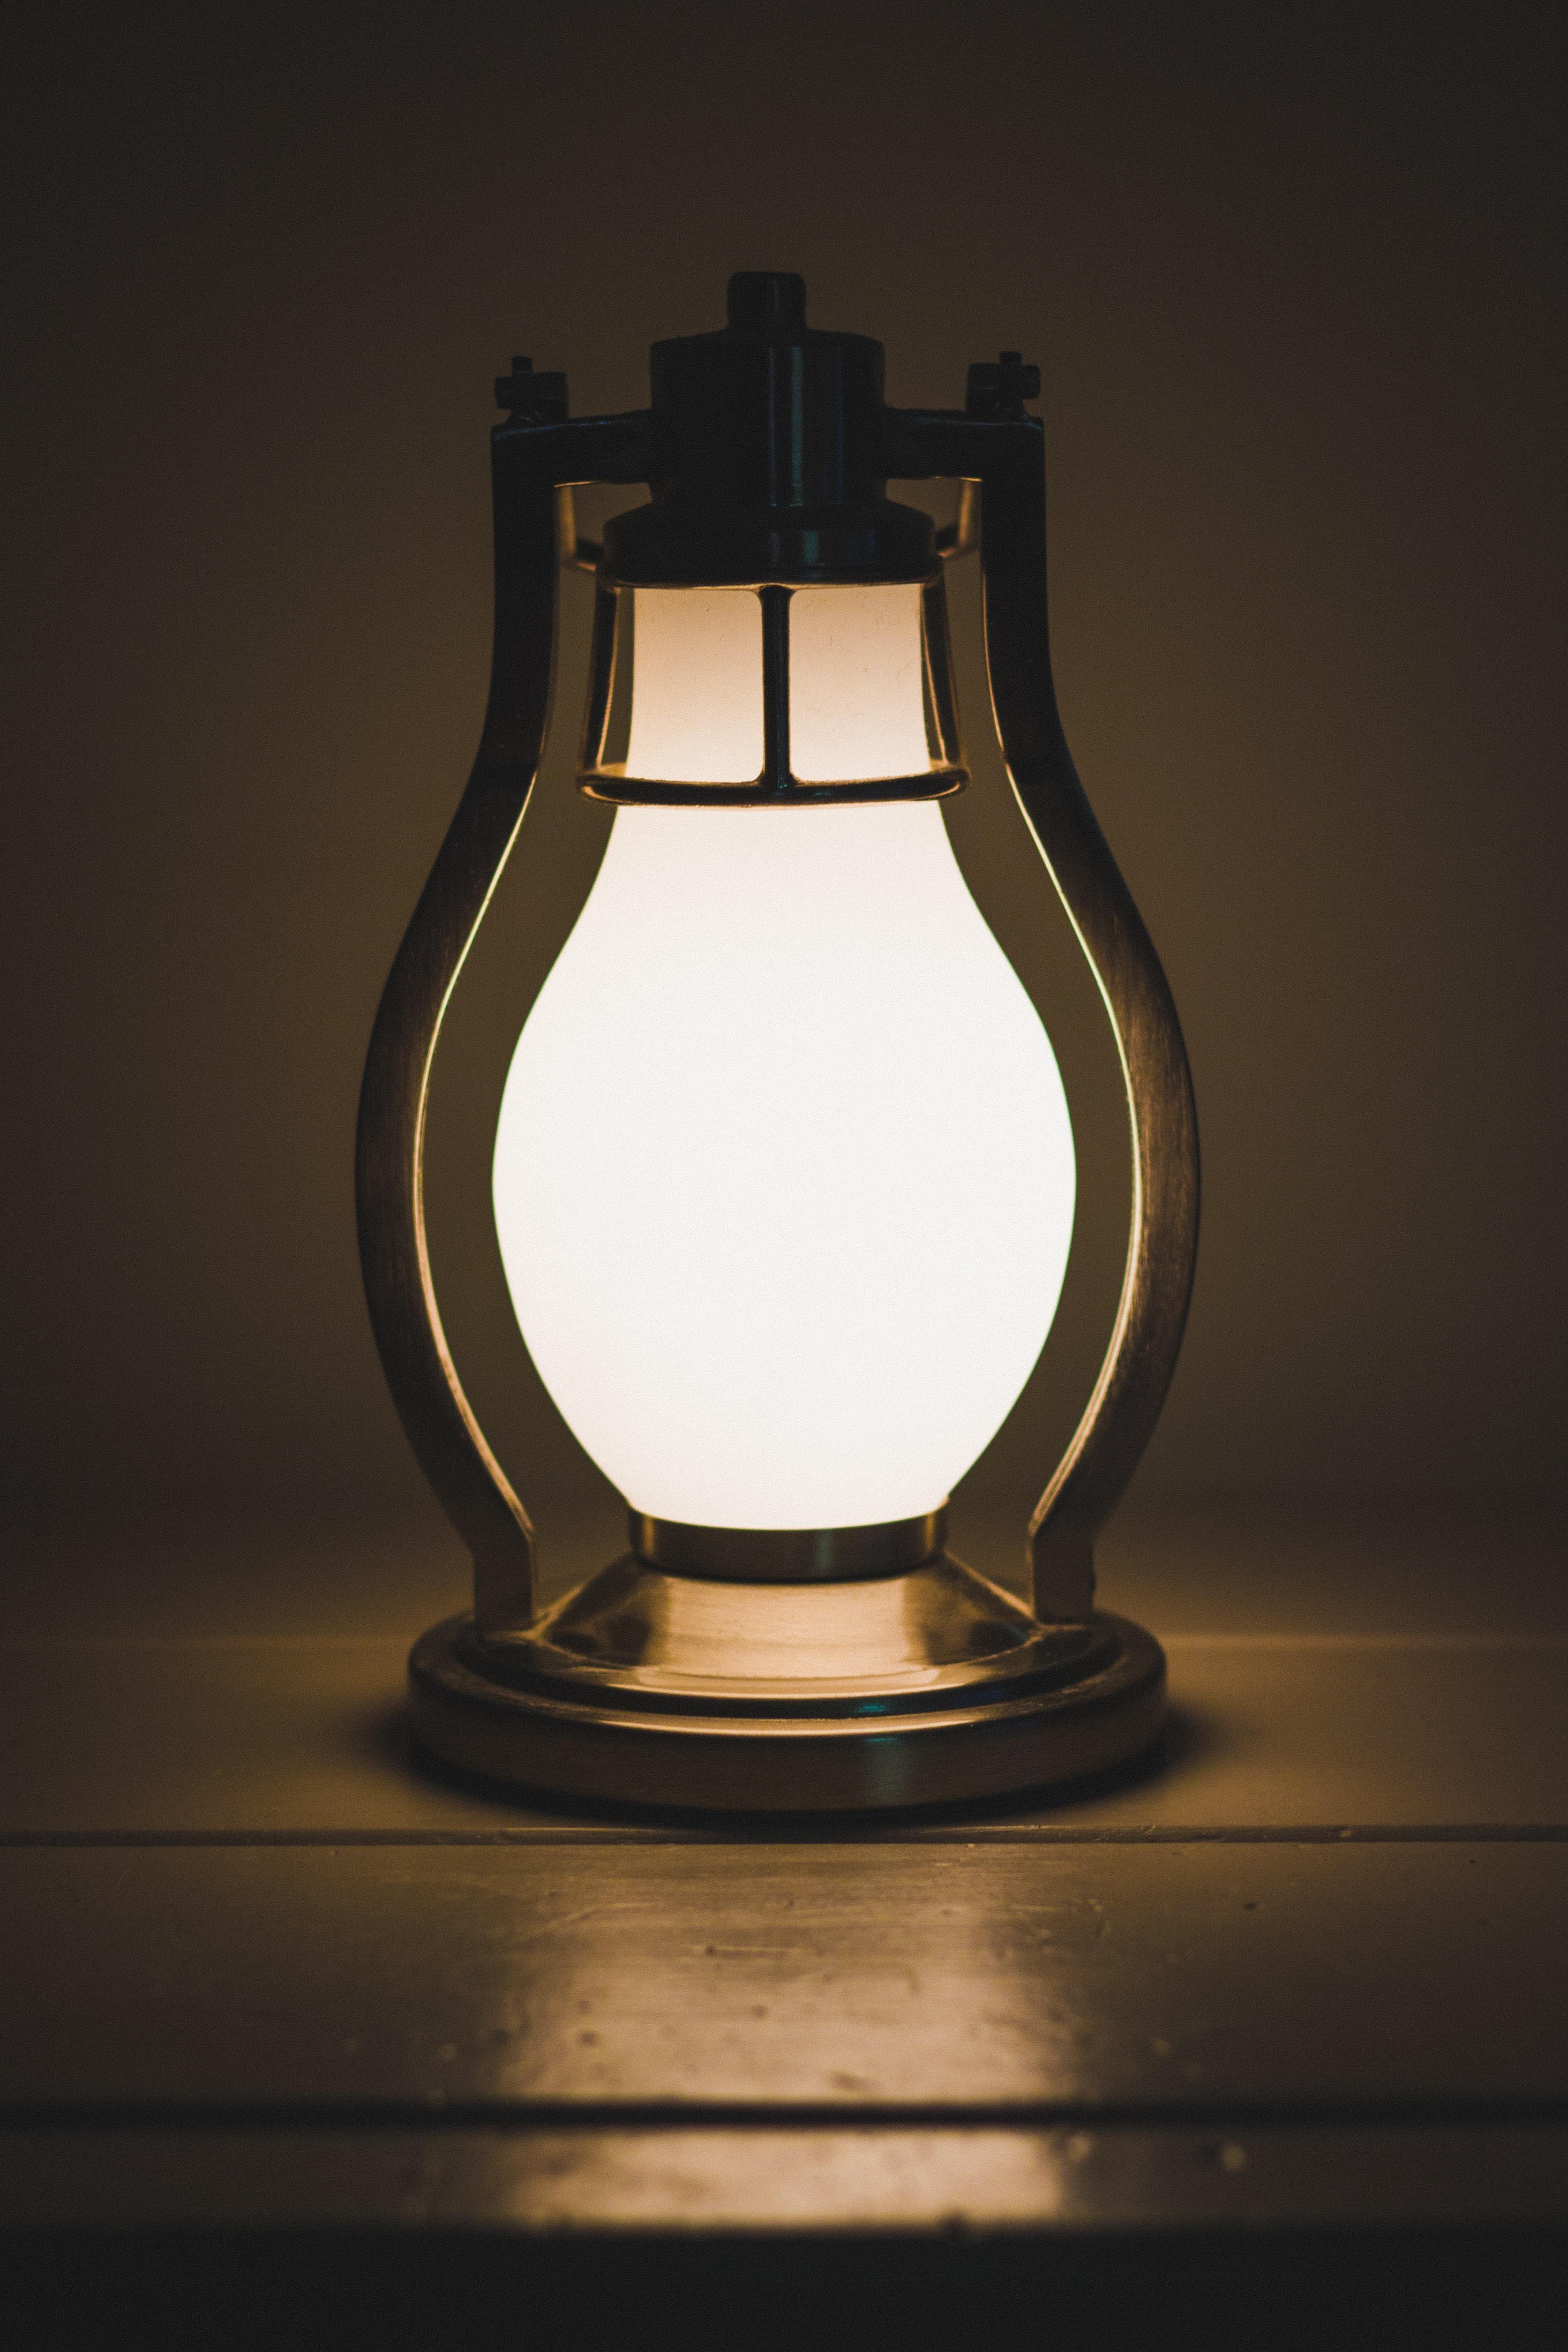 免費下載 64271: 灯光, 闪耀, 光, 杂项, 灯, 辉光, 发光, 灯泡, 照明 桌面壁紙